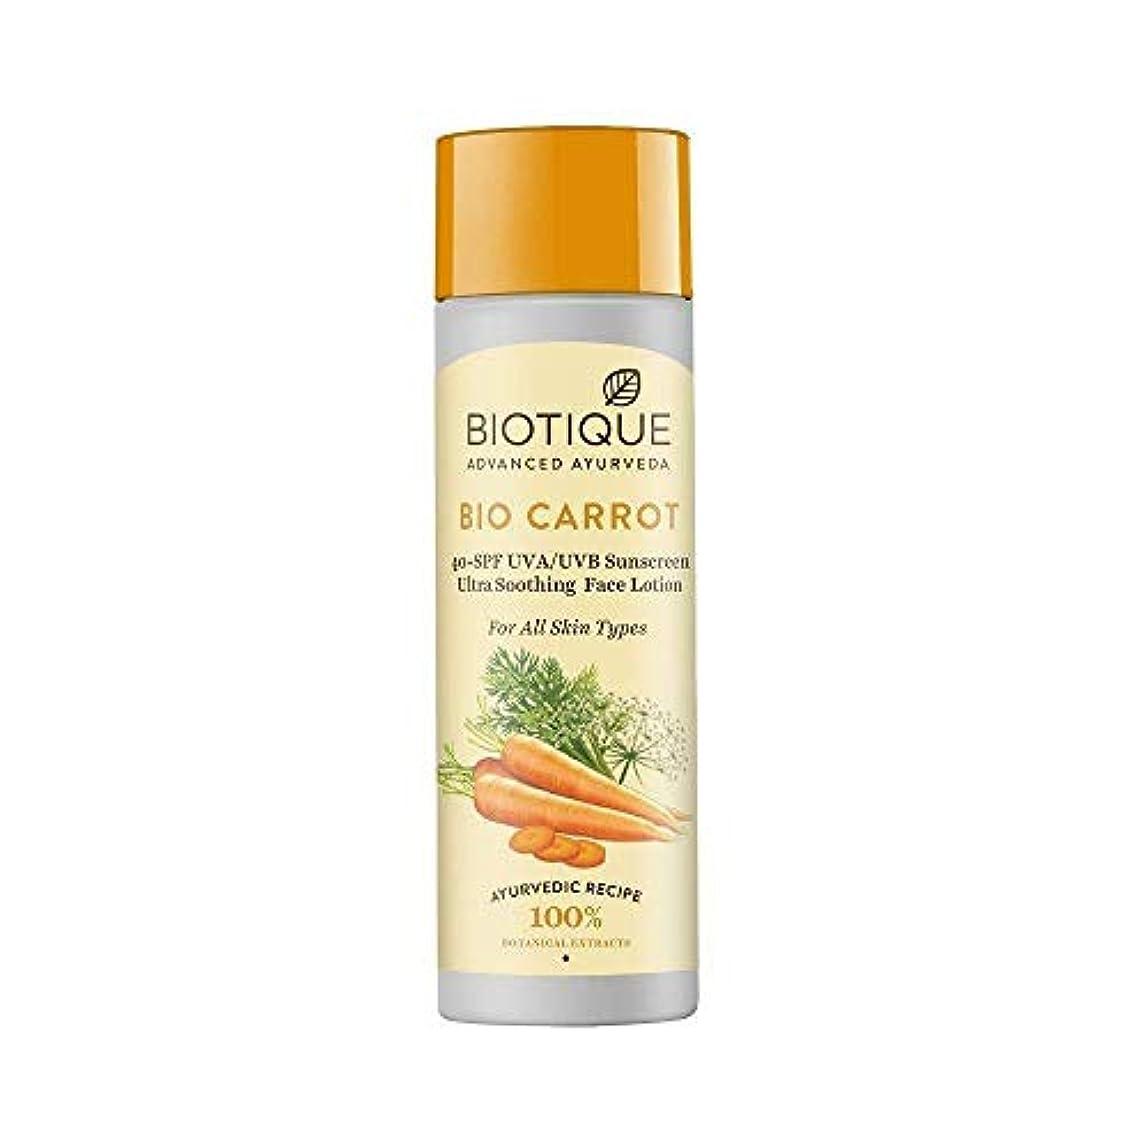 考古学的な軽く上陸Biotique Bio Carrot Face & Body Sun Lotion SPF 40 UVA/UVB Sunscreen 190ml ビオティックバイオニンジンフェイス&ボディサンローションSPF 40 UVA...